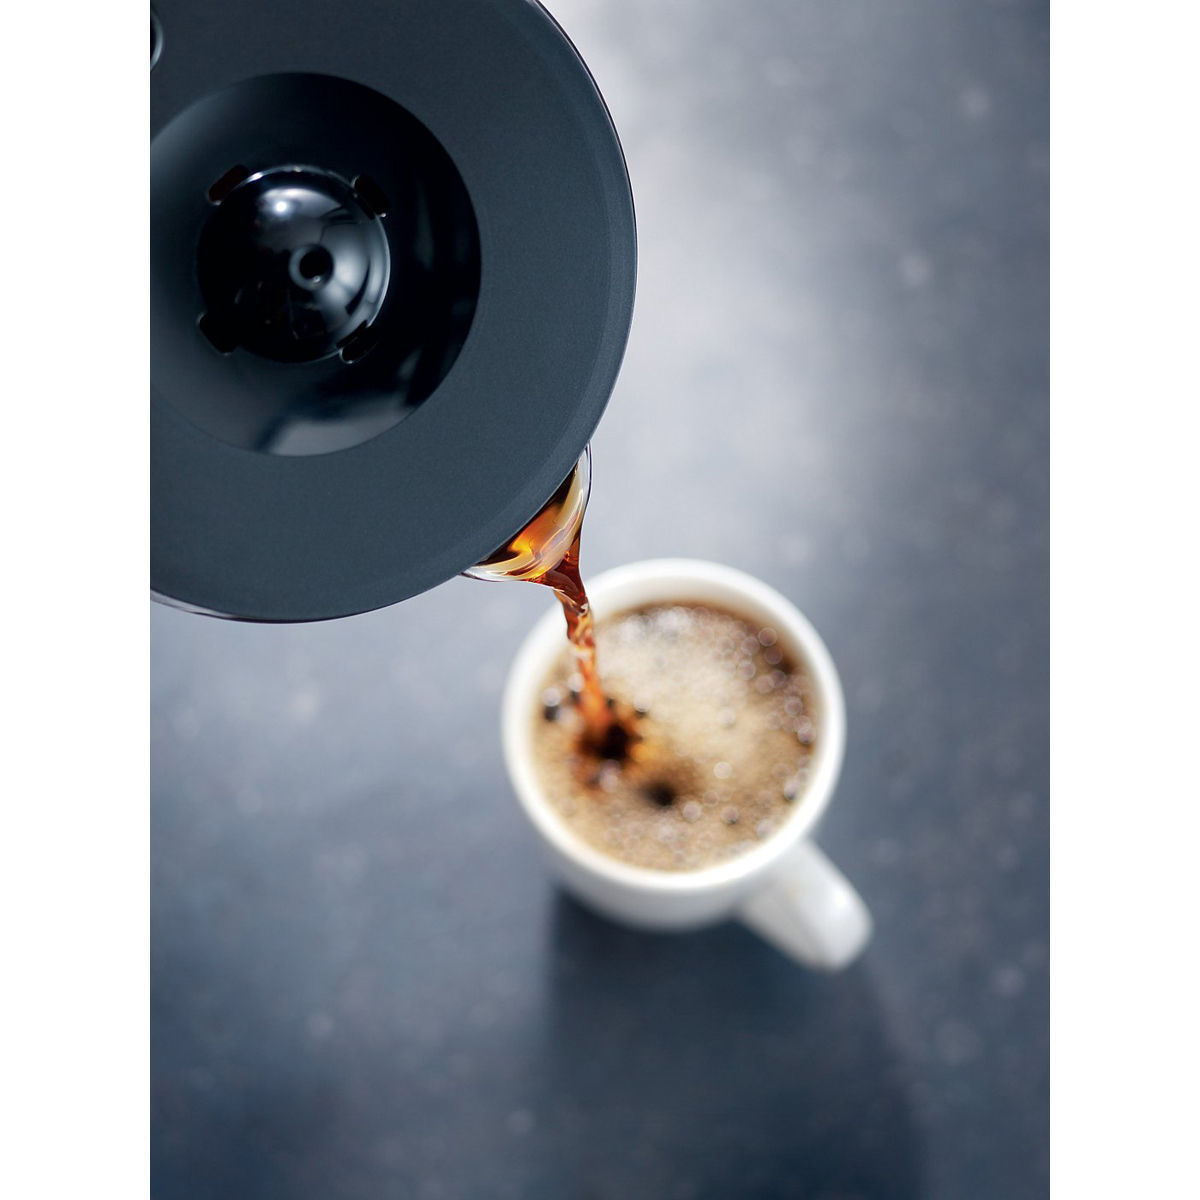 philips kaffeemaschine caf gourmet hd5407 60 schwarz von karstadt ansehen. Black Bedroom Furniture Sets. Home Design Ideas